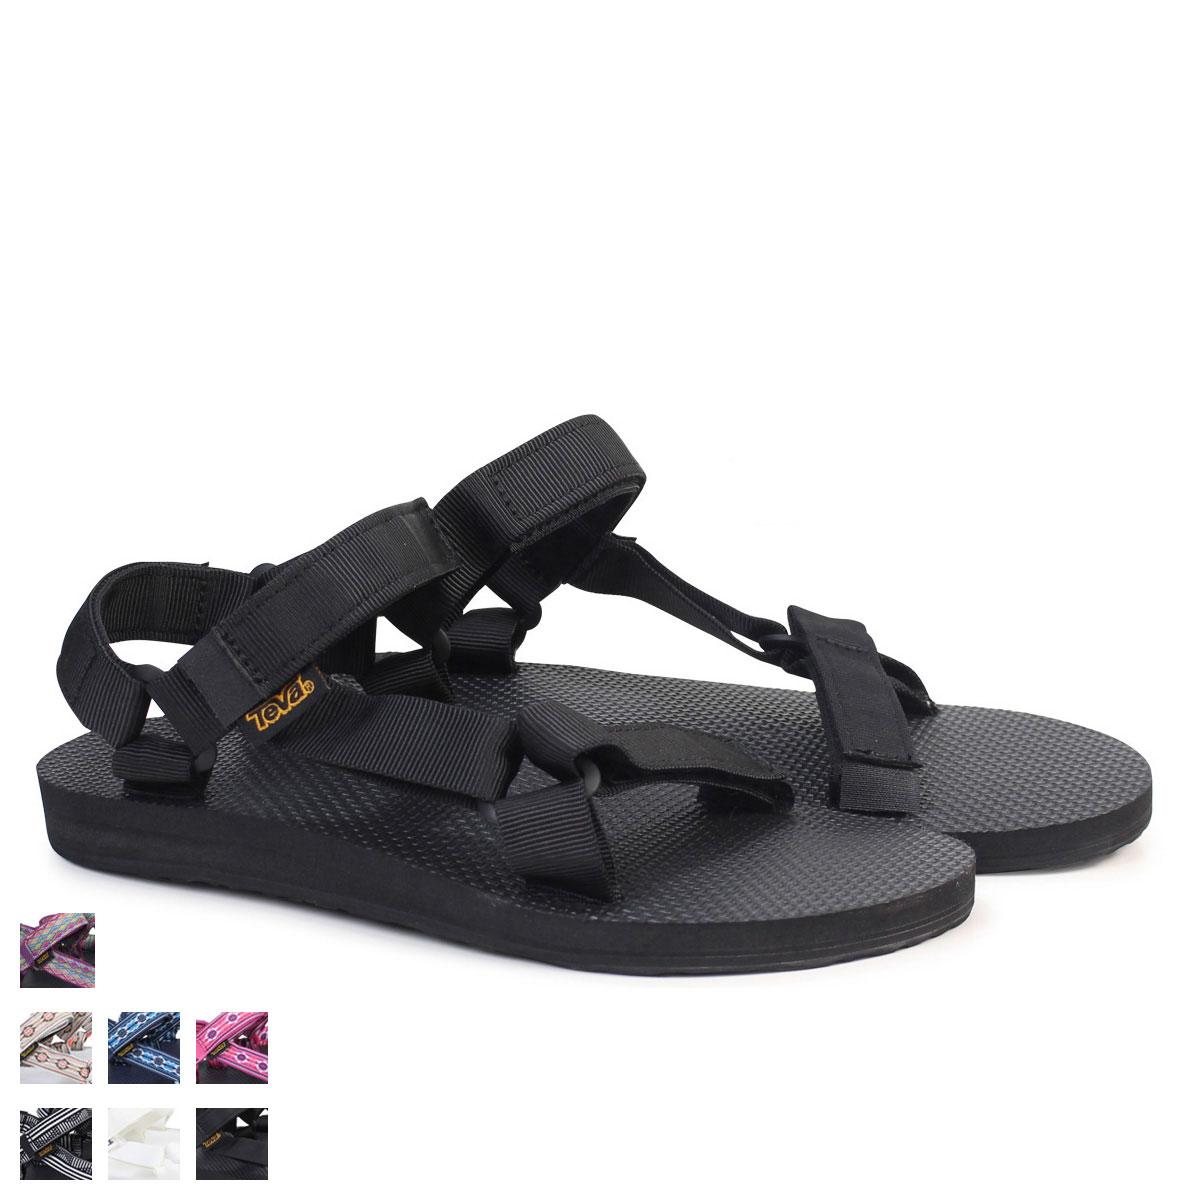 6af29f0dd96d teva sandals.